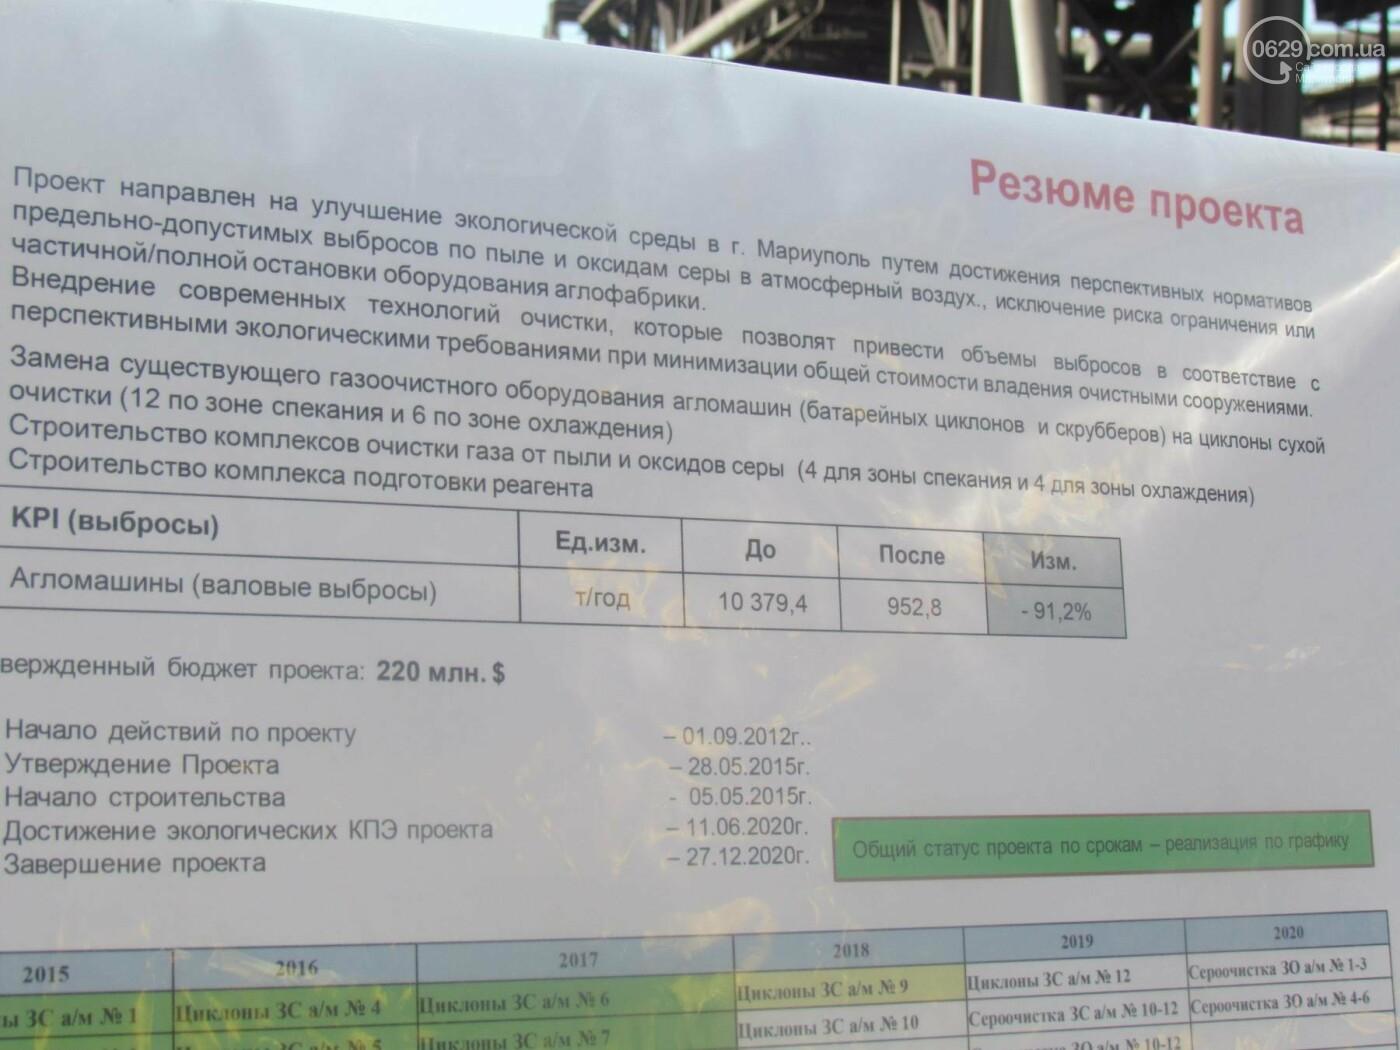 «Метинвест» запустил первый комплекс газоочистки аглофабрики, заявив о сокращении выбросов на треть (ФОТОРЕПОРТАЖ), фото-13